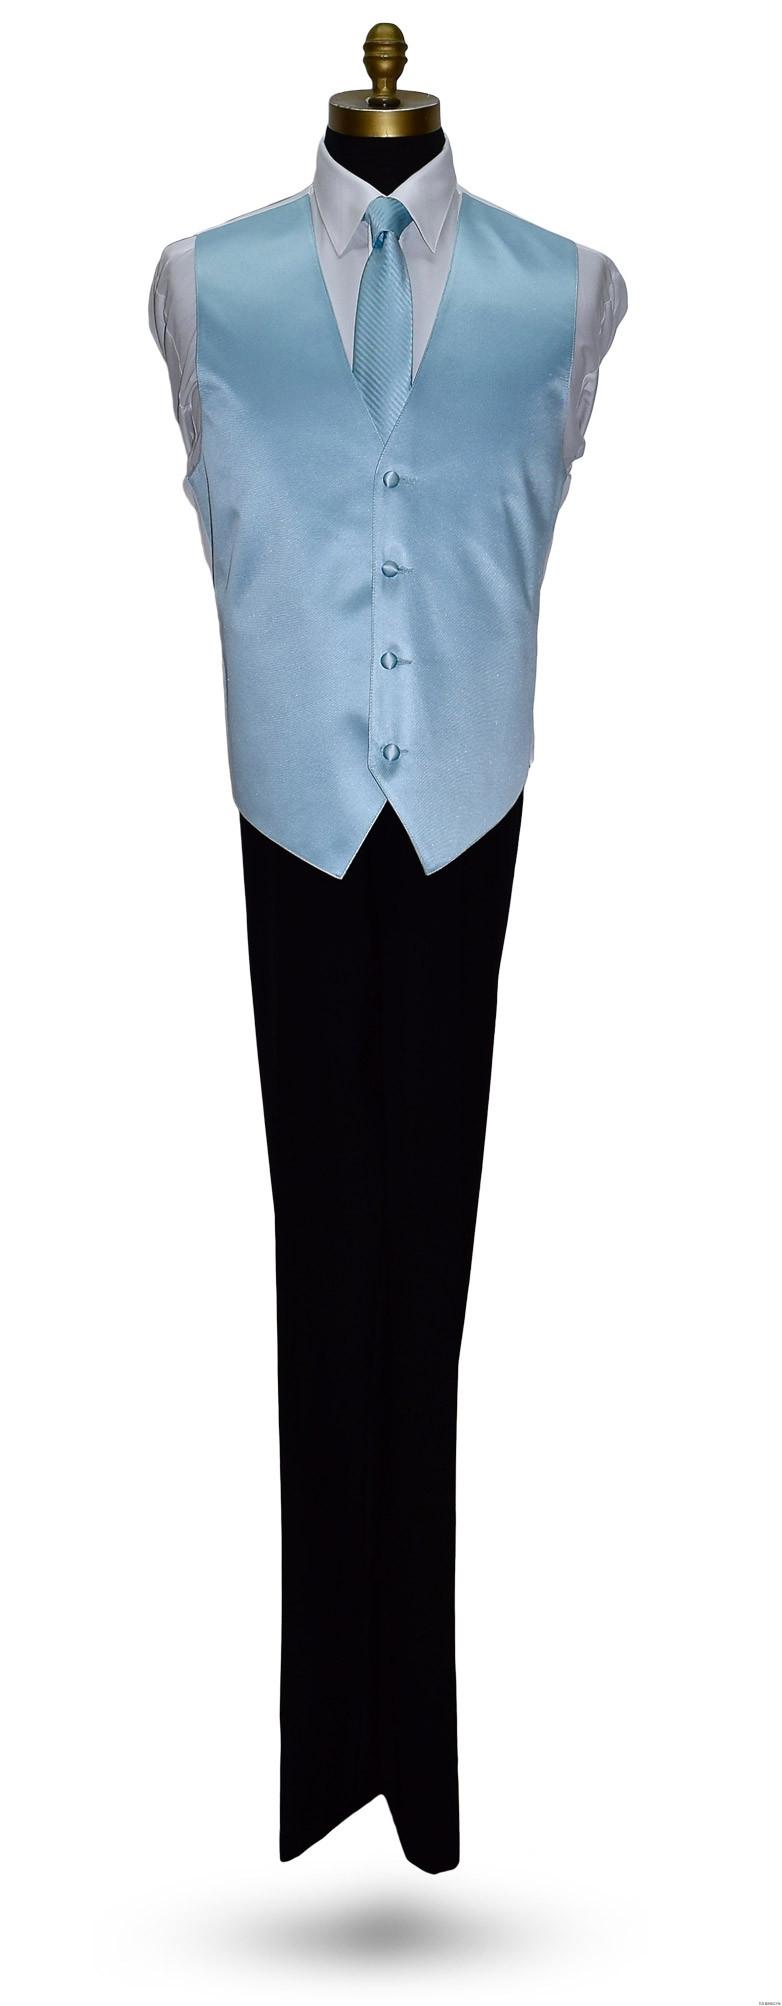 men's capri blue striped dress tie with capri-blue vest by San Miguel Formals